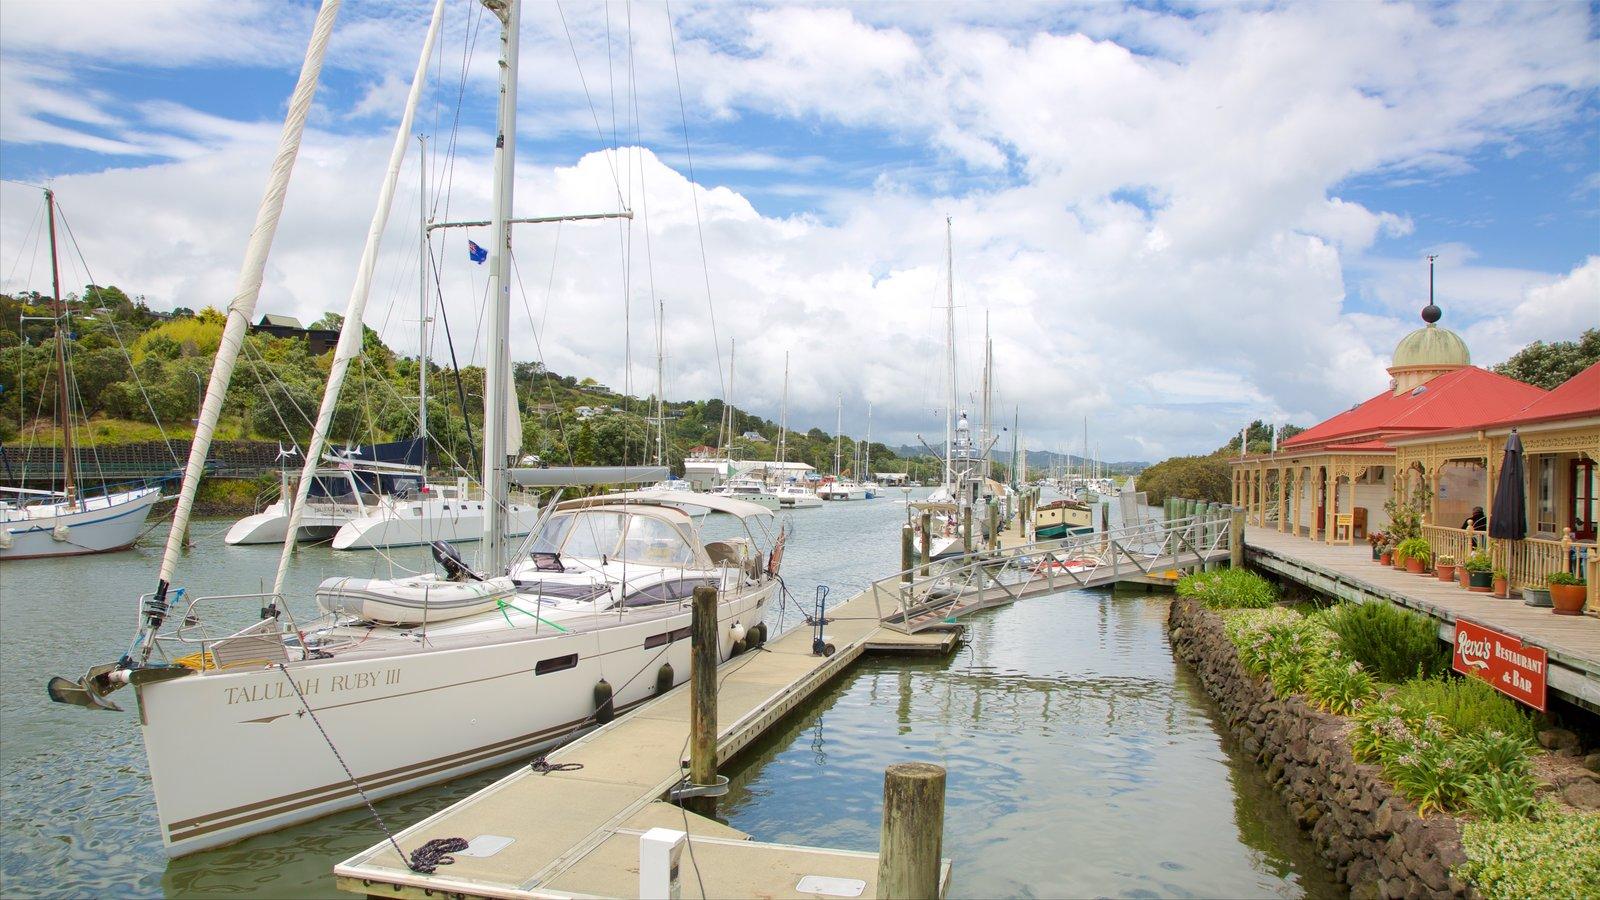 Whangarei ofreciendo navegación, una bahía o puerto y una marina